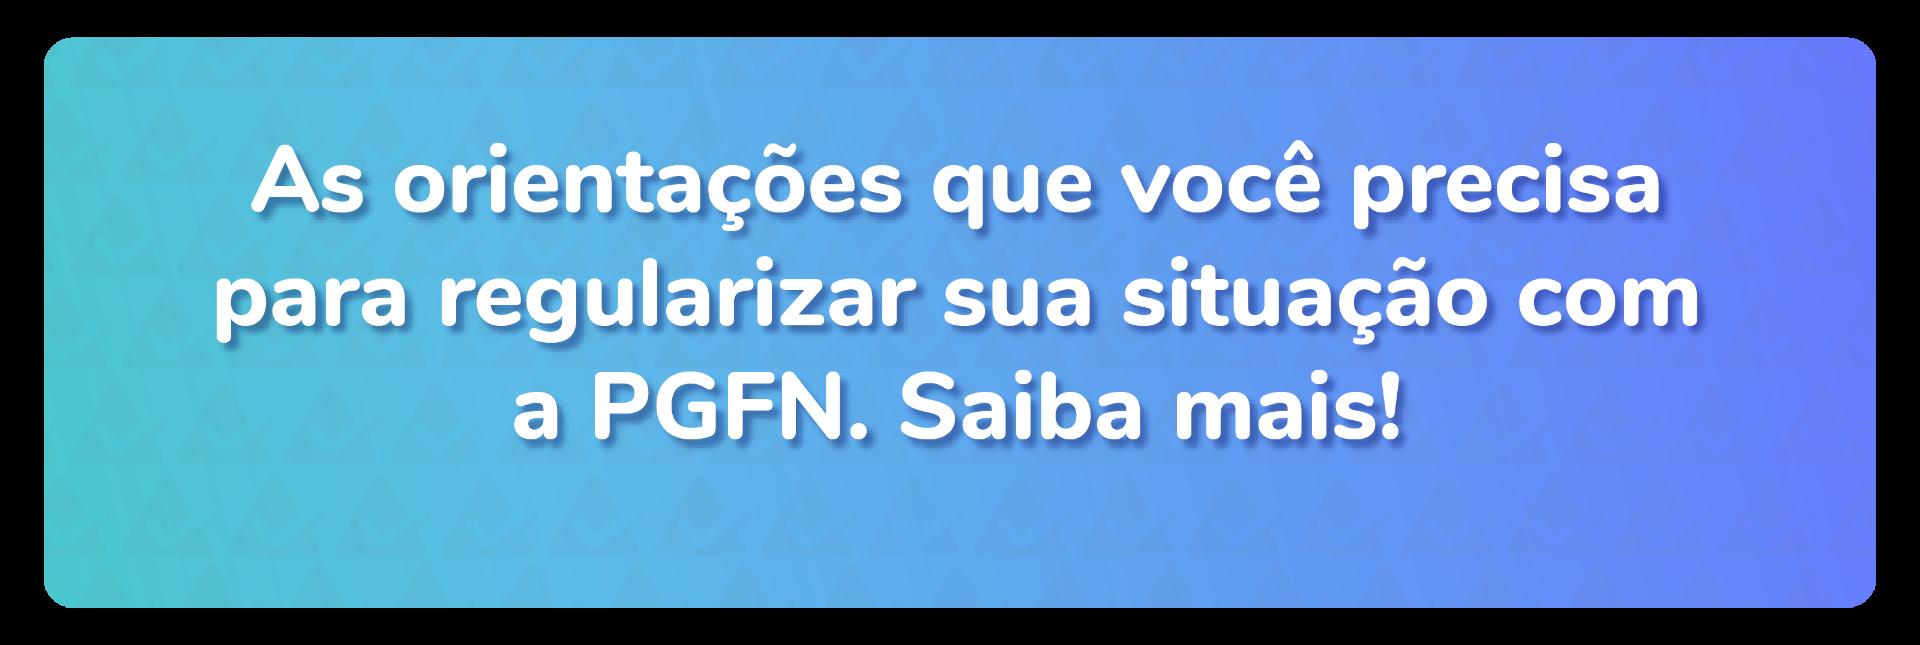 Banner_Orientações_2.png